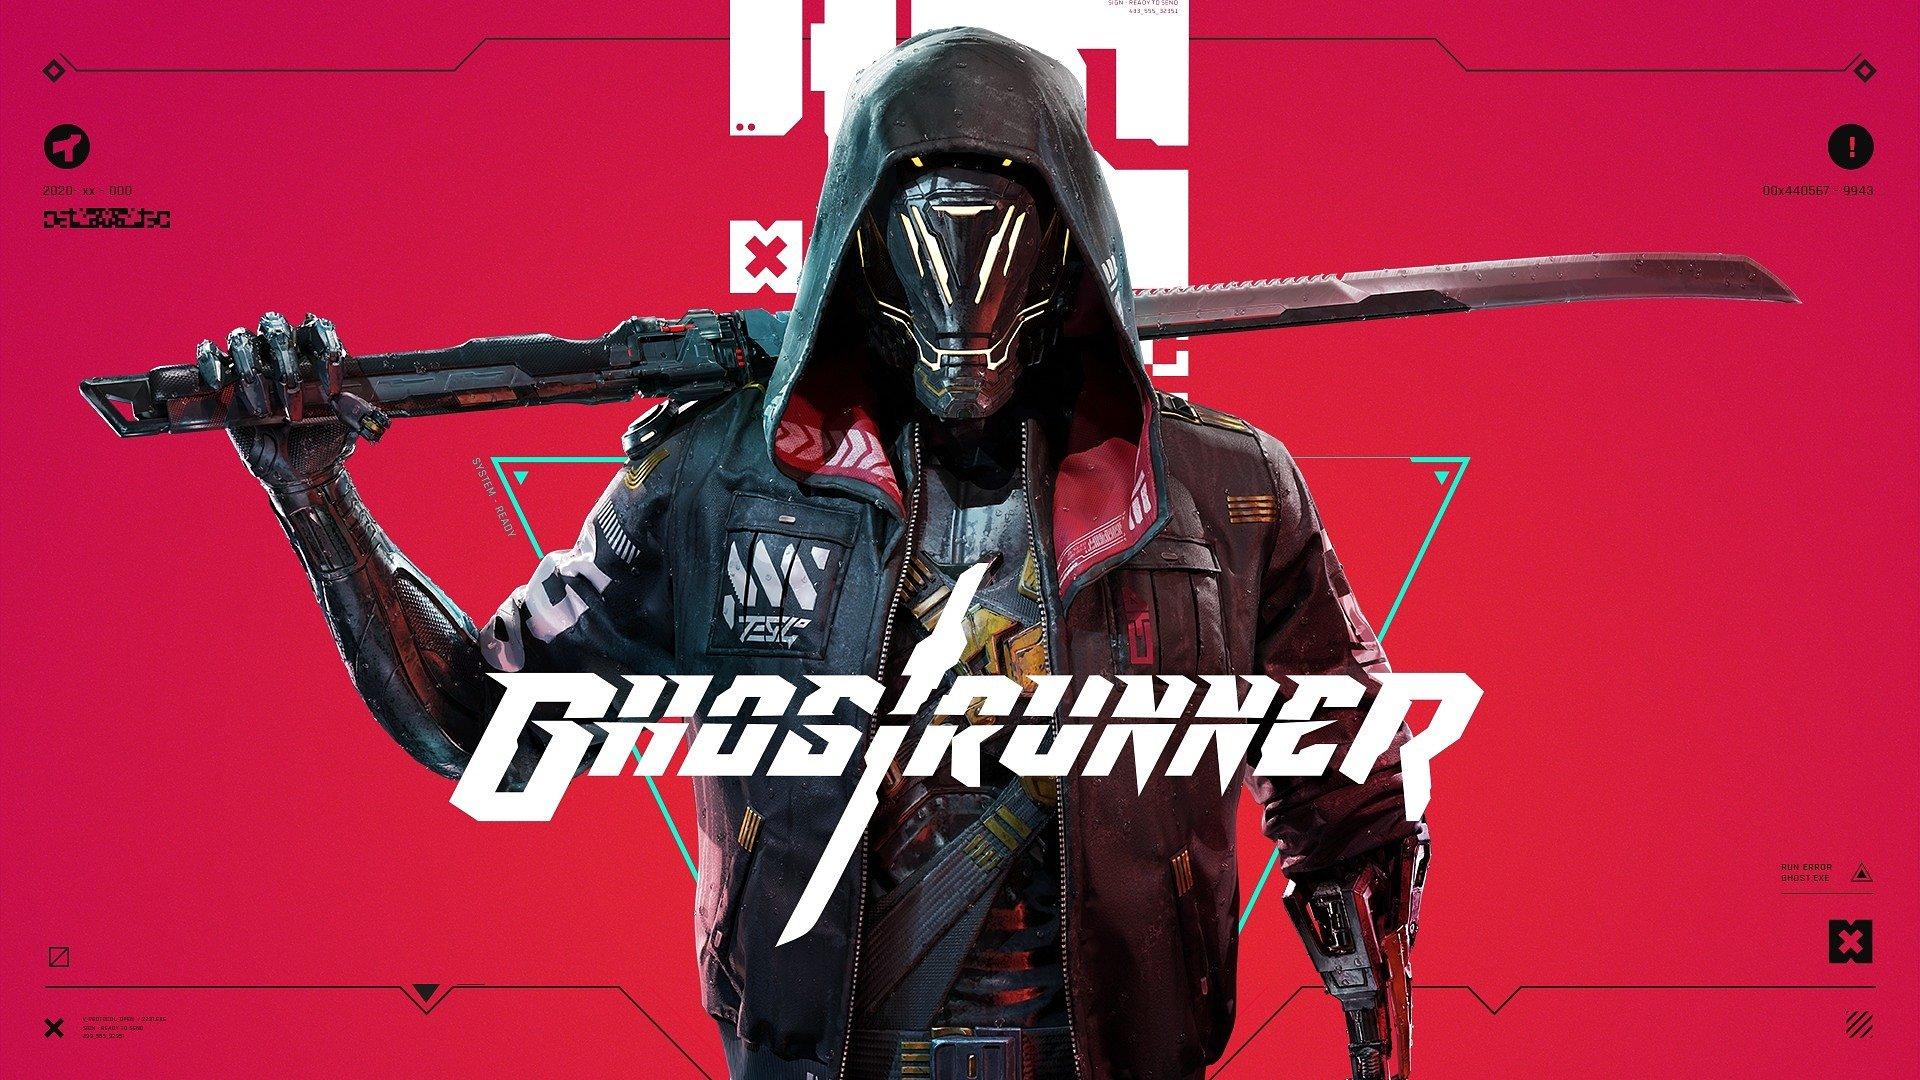 Ghostrunner wskakuje na PlayStation 5 i Xbox Series X|S 28 września